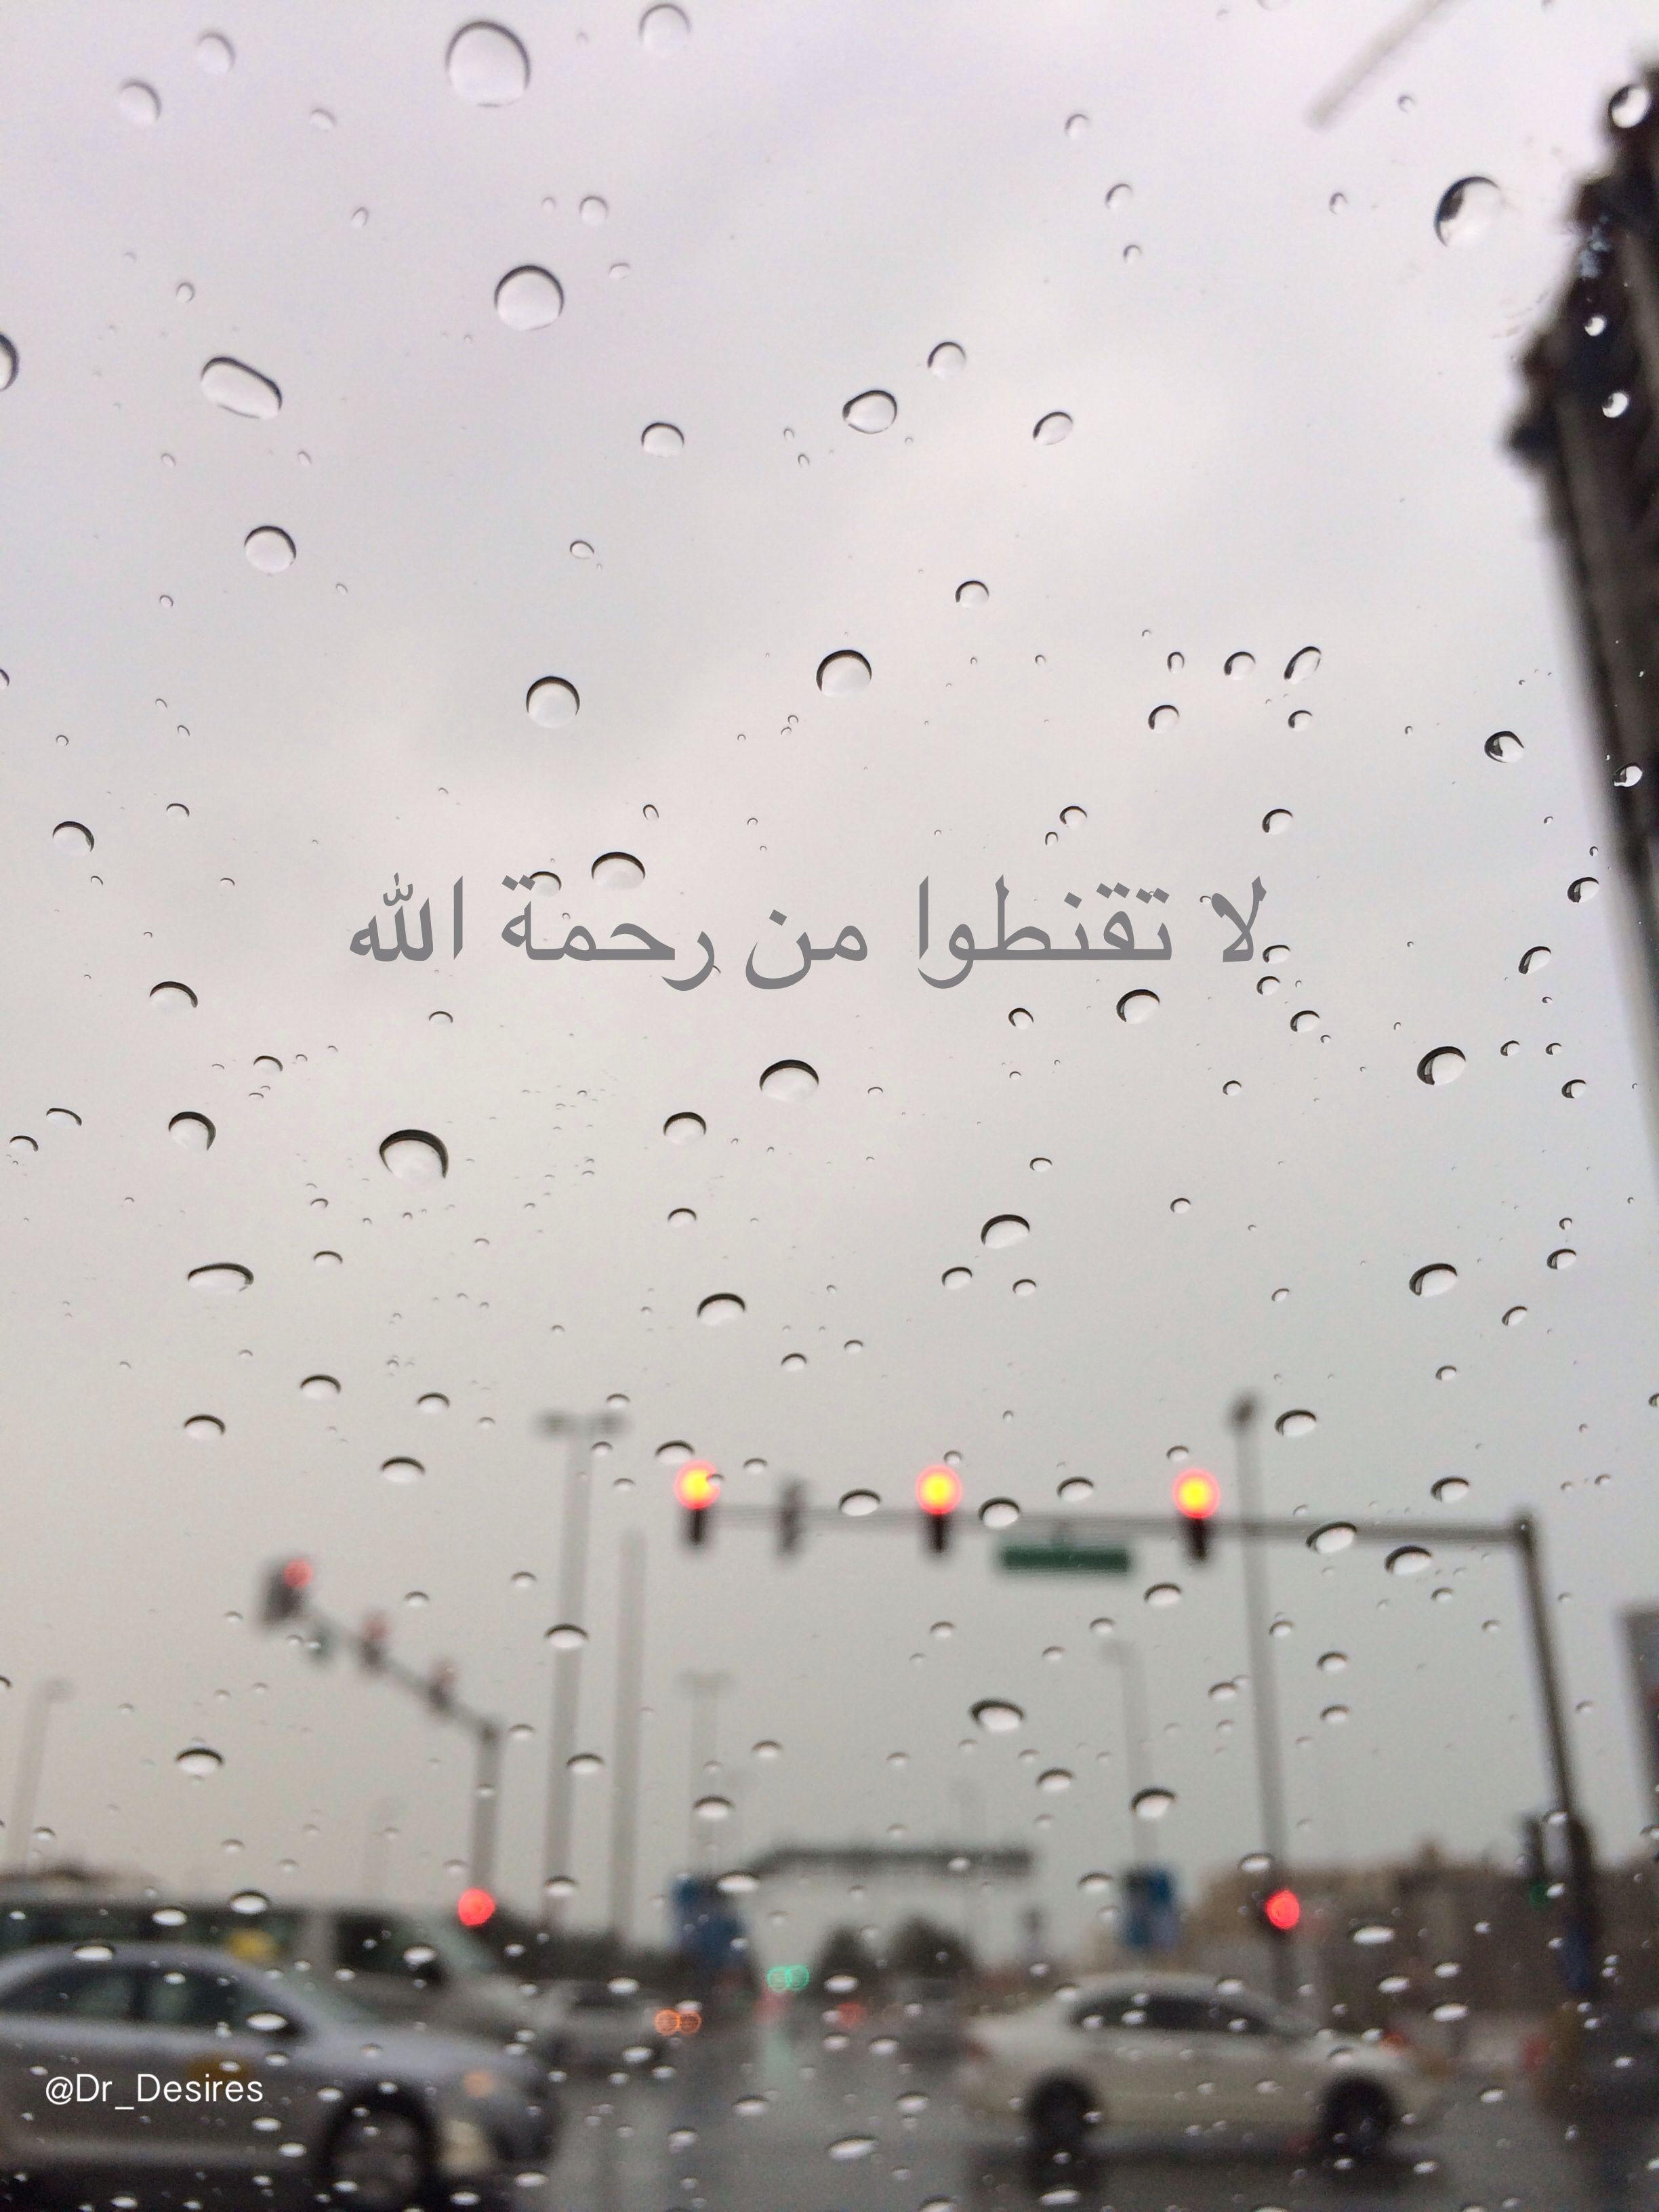 اجمل ما في هذه الصورة هو المطر حيث تعجز اسباب الارض عن اسعافك فياتيك العيث من السماء سبحان الله Ex Quotes Islamic Quotes Greatful